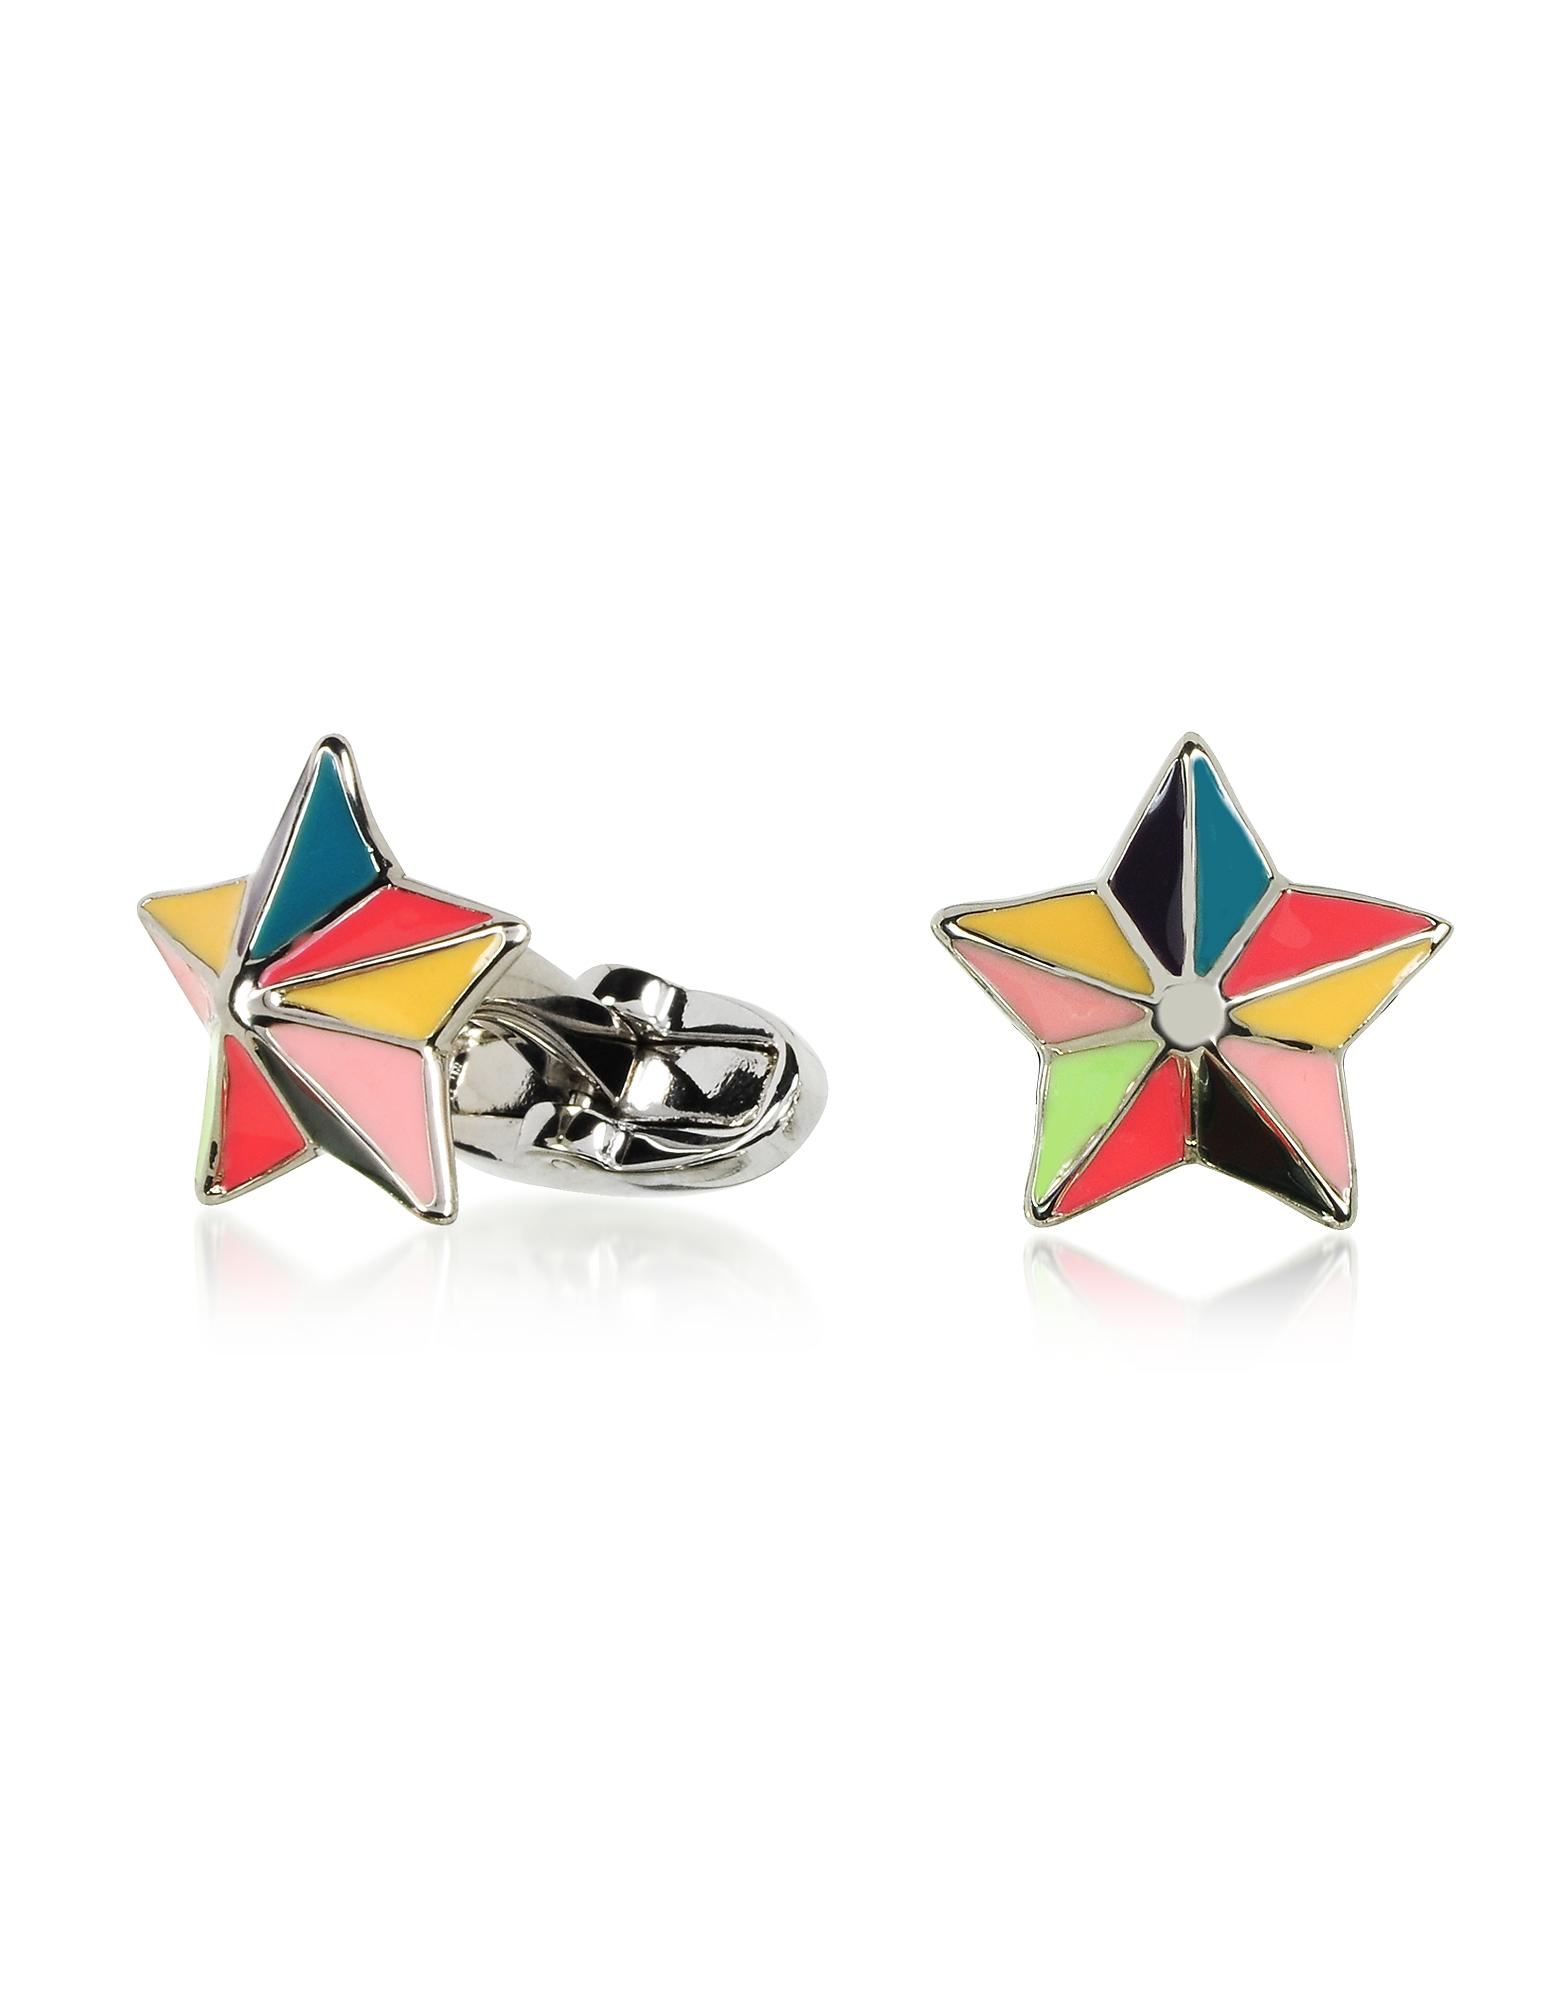 MultiColor Star Cufflinks